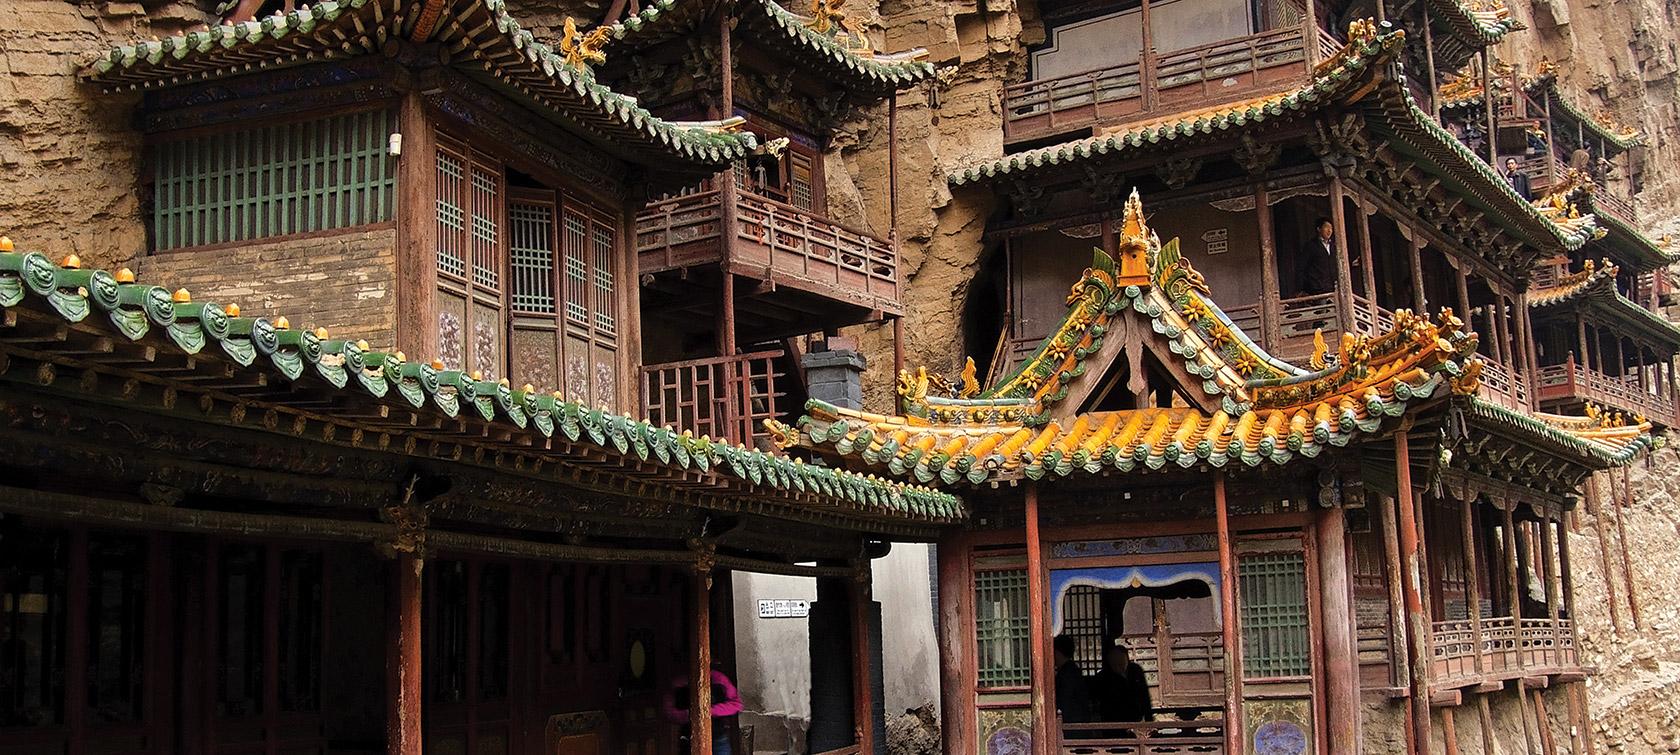 Resultado de imagem para Povoado histórico Hongcun, província de Anhui